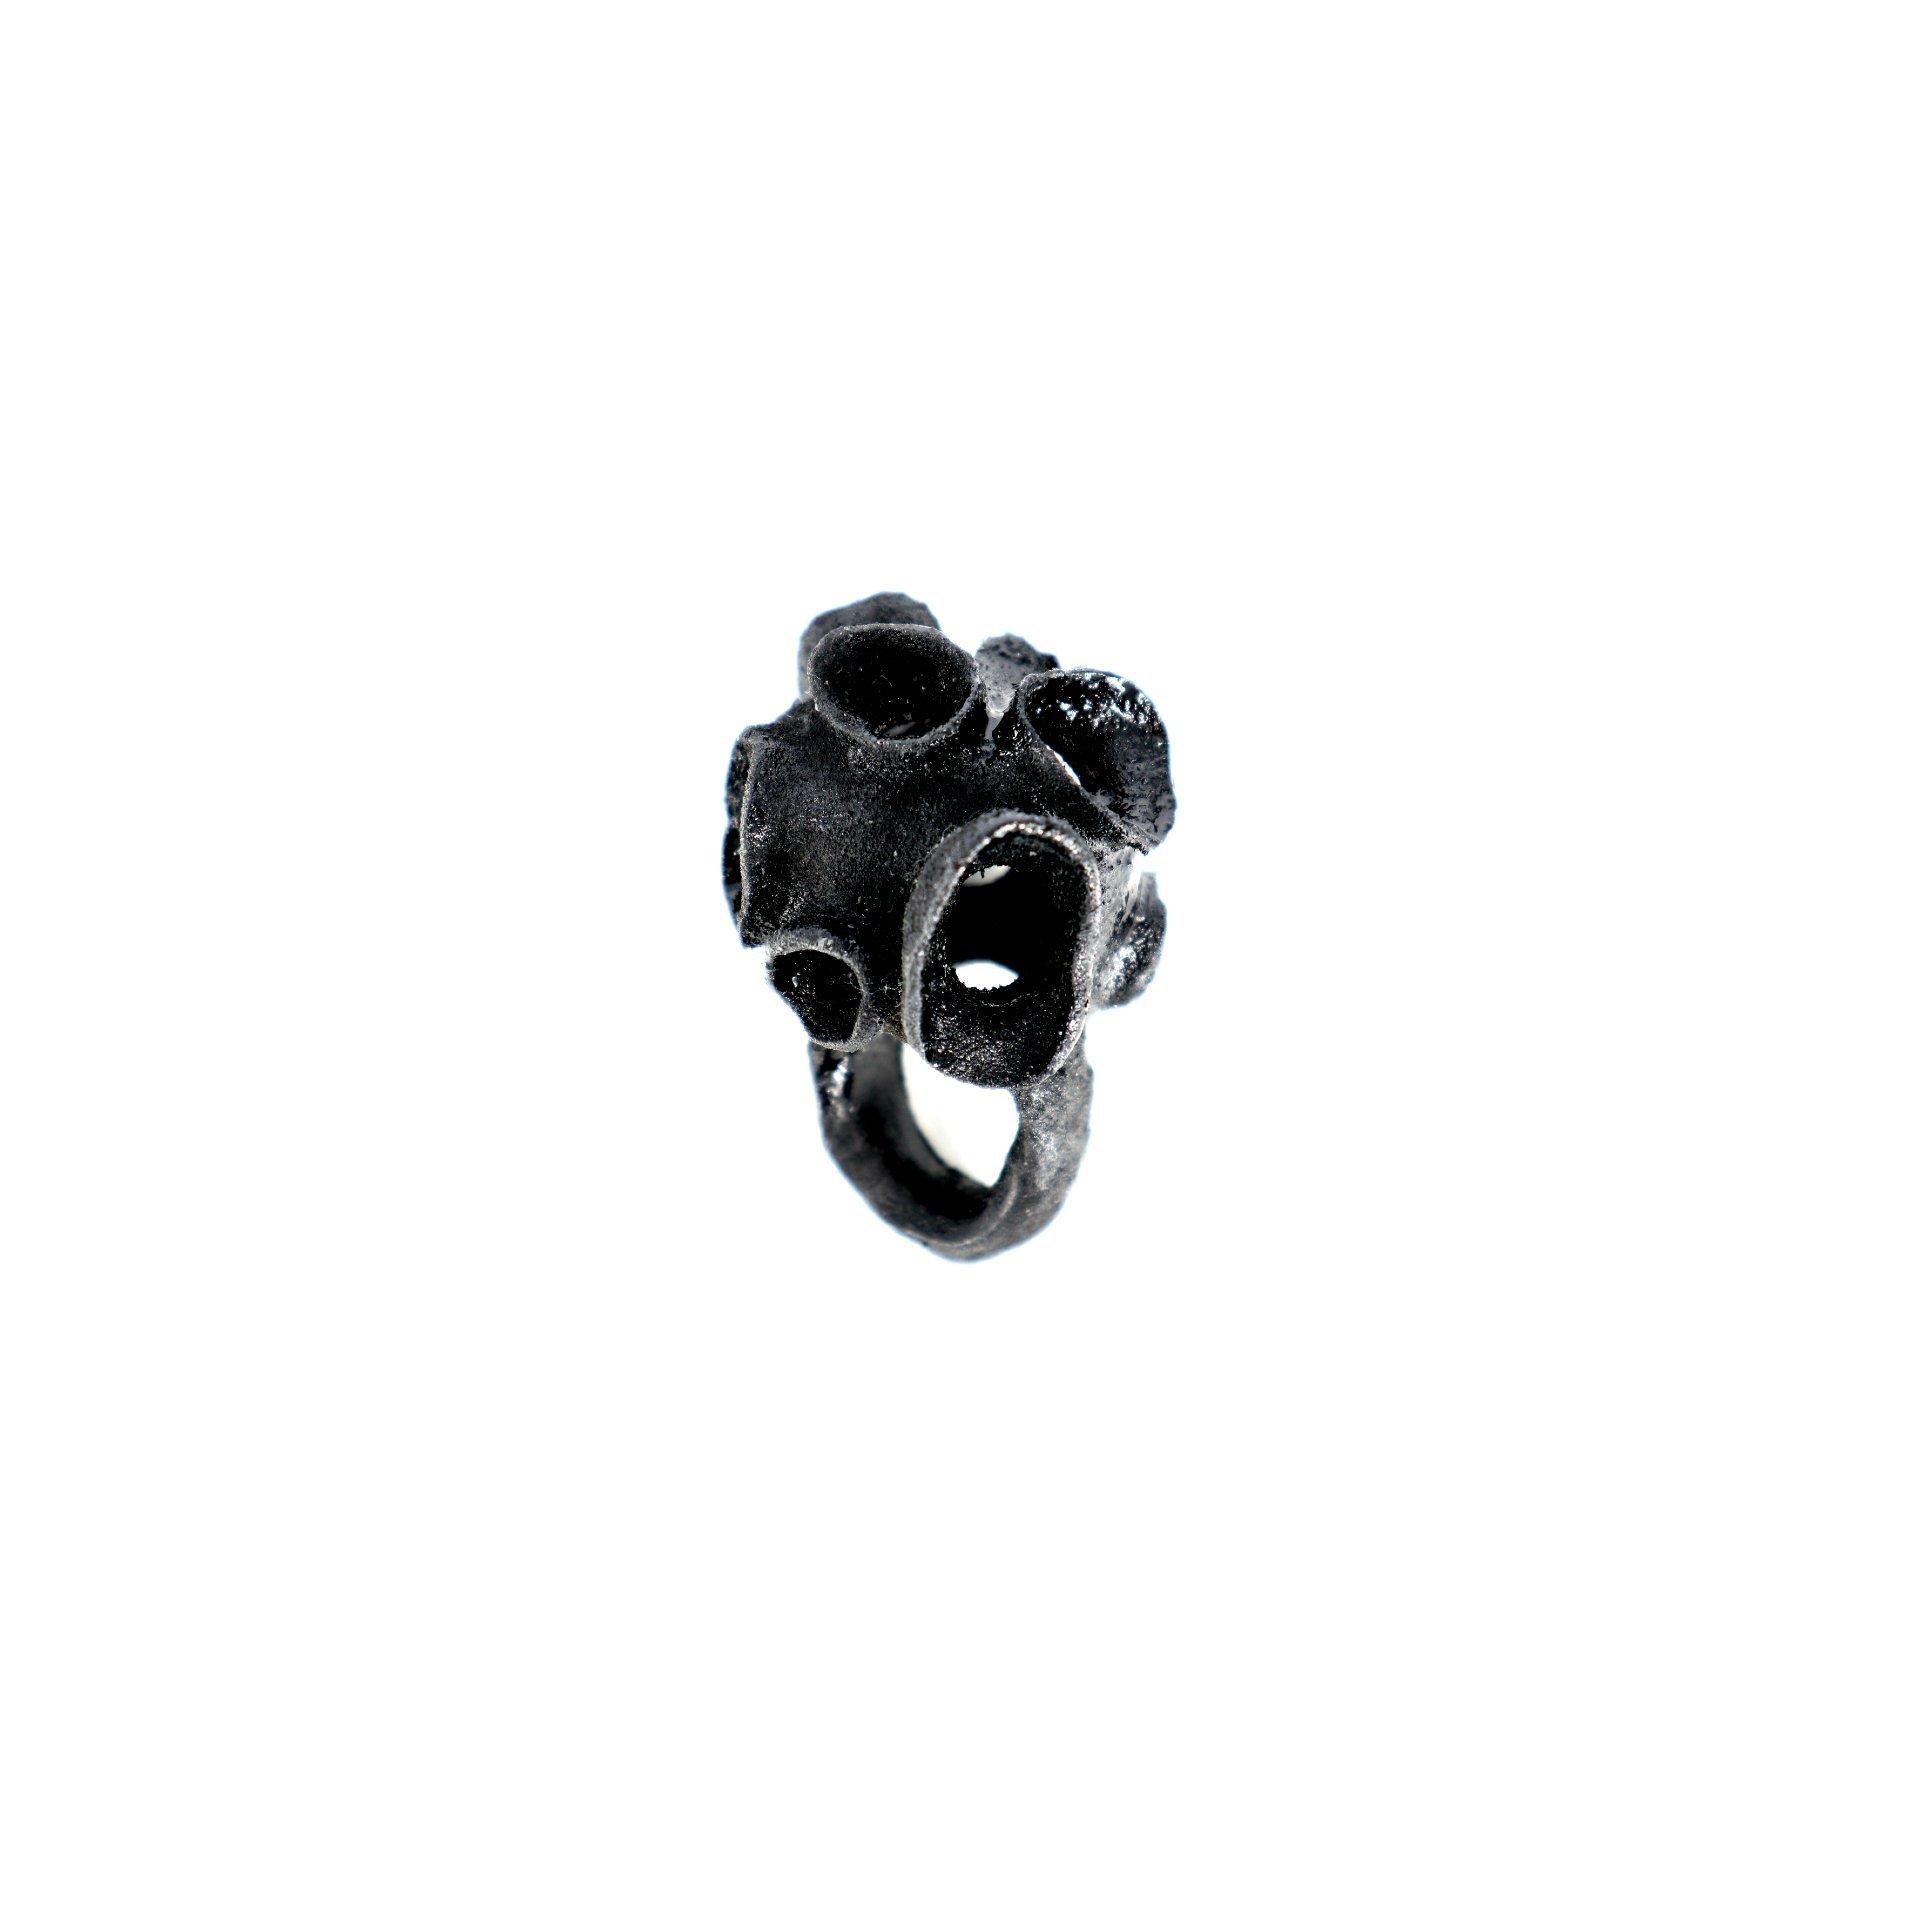 RESIN INTERMEZZO - BLACK RING NO.2